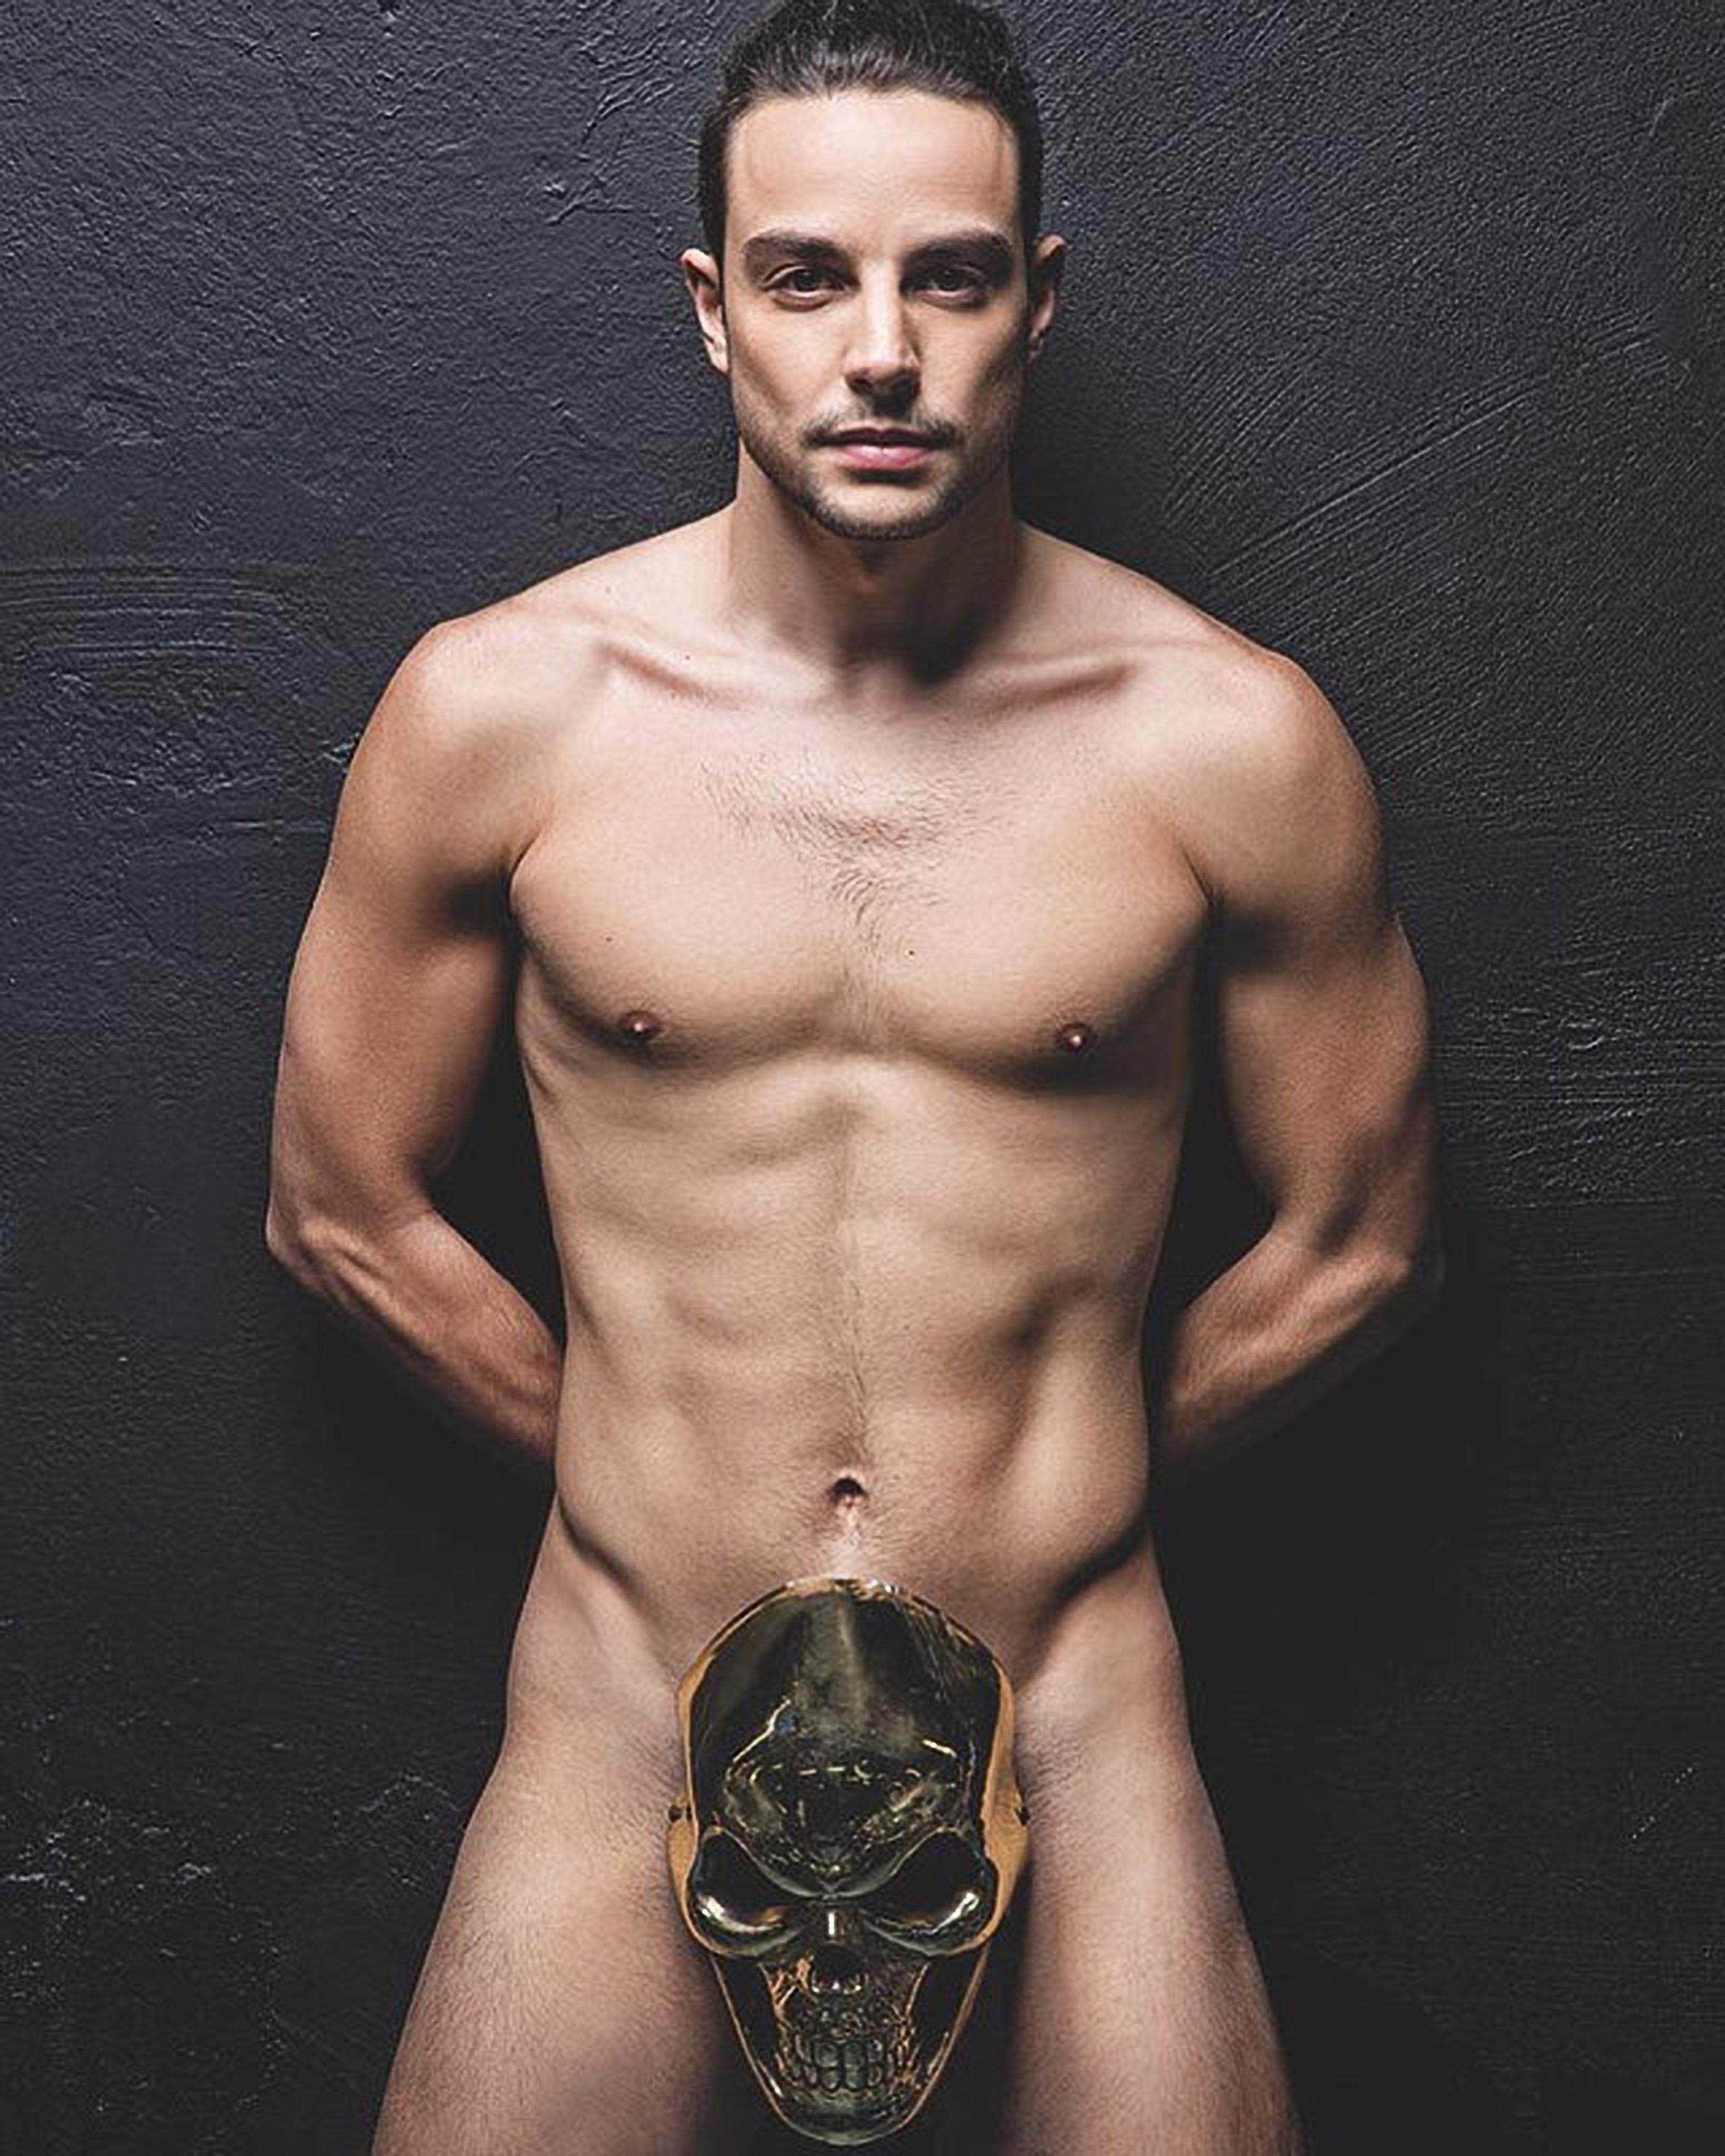 Brock avery naked gay sex blog naked